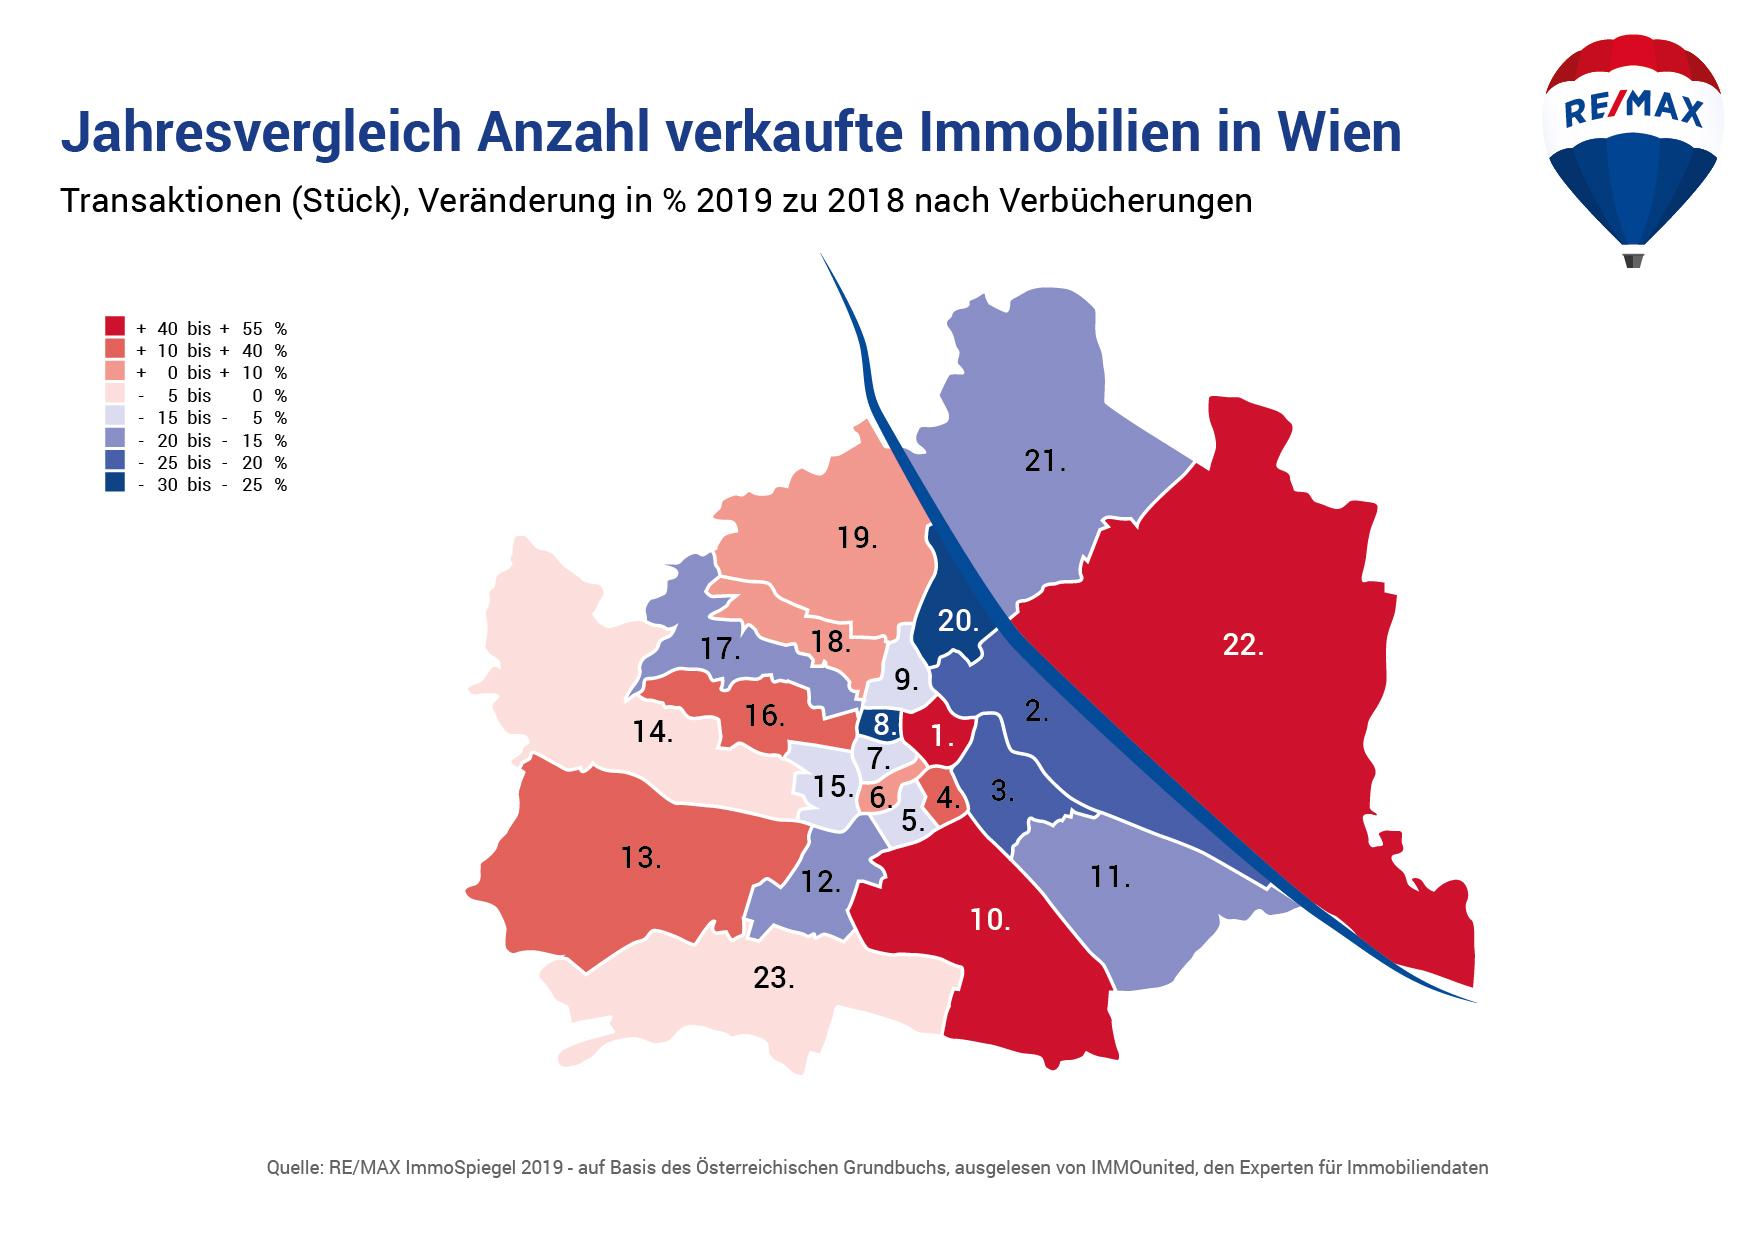 Jahresvergleich Anzahl verkaufte Immobilien in Wien